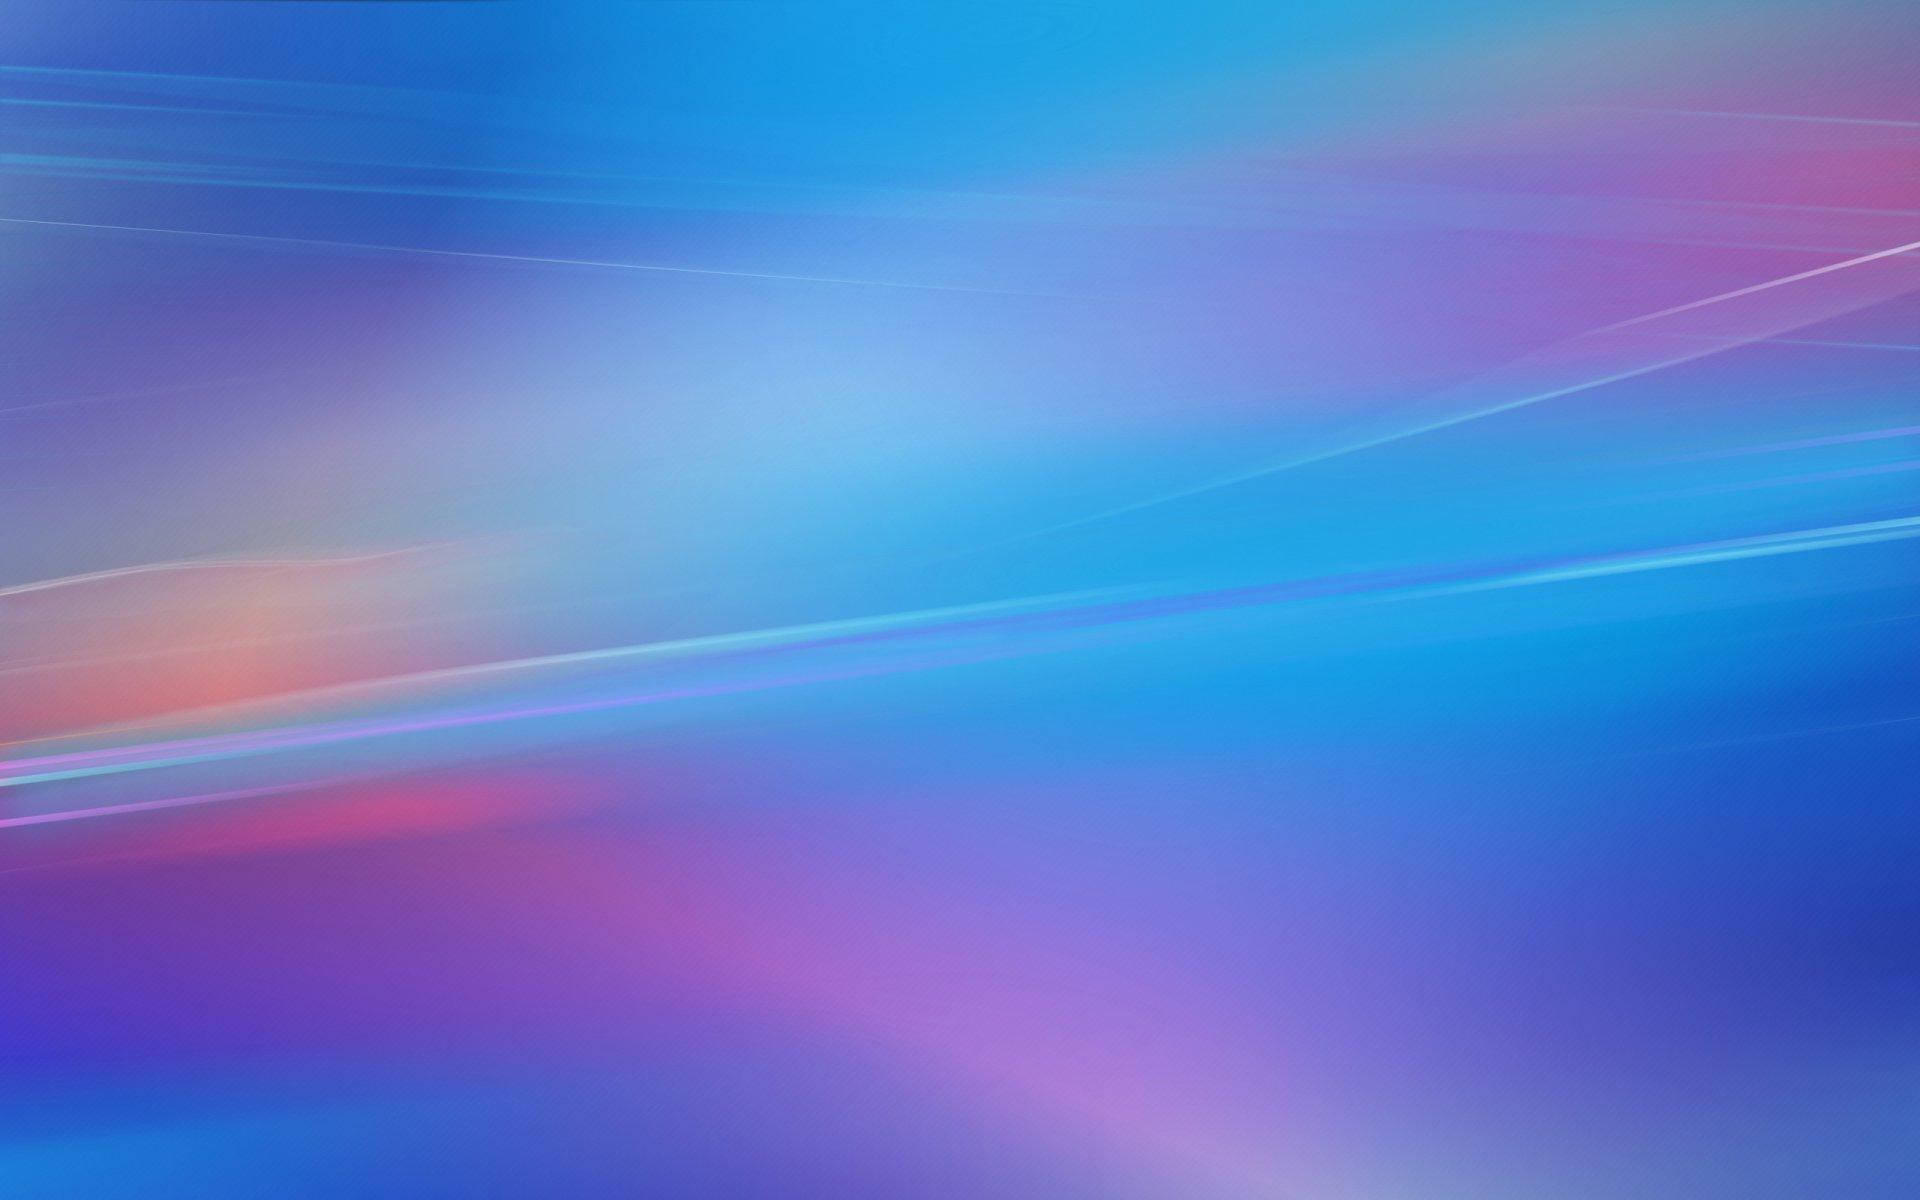 Обои кривая, свет, голубой, дуга, синий. Абстракции foto 14